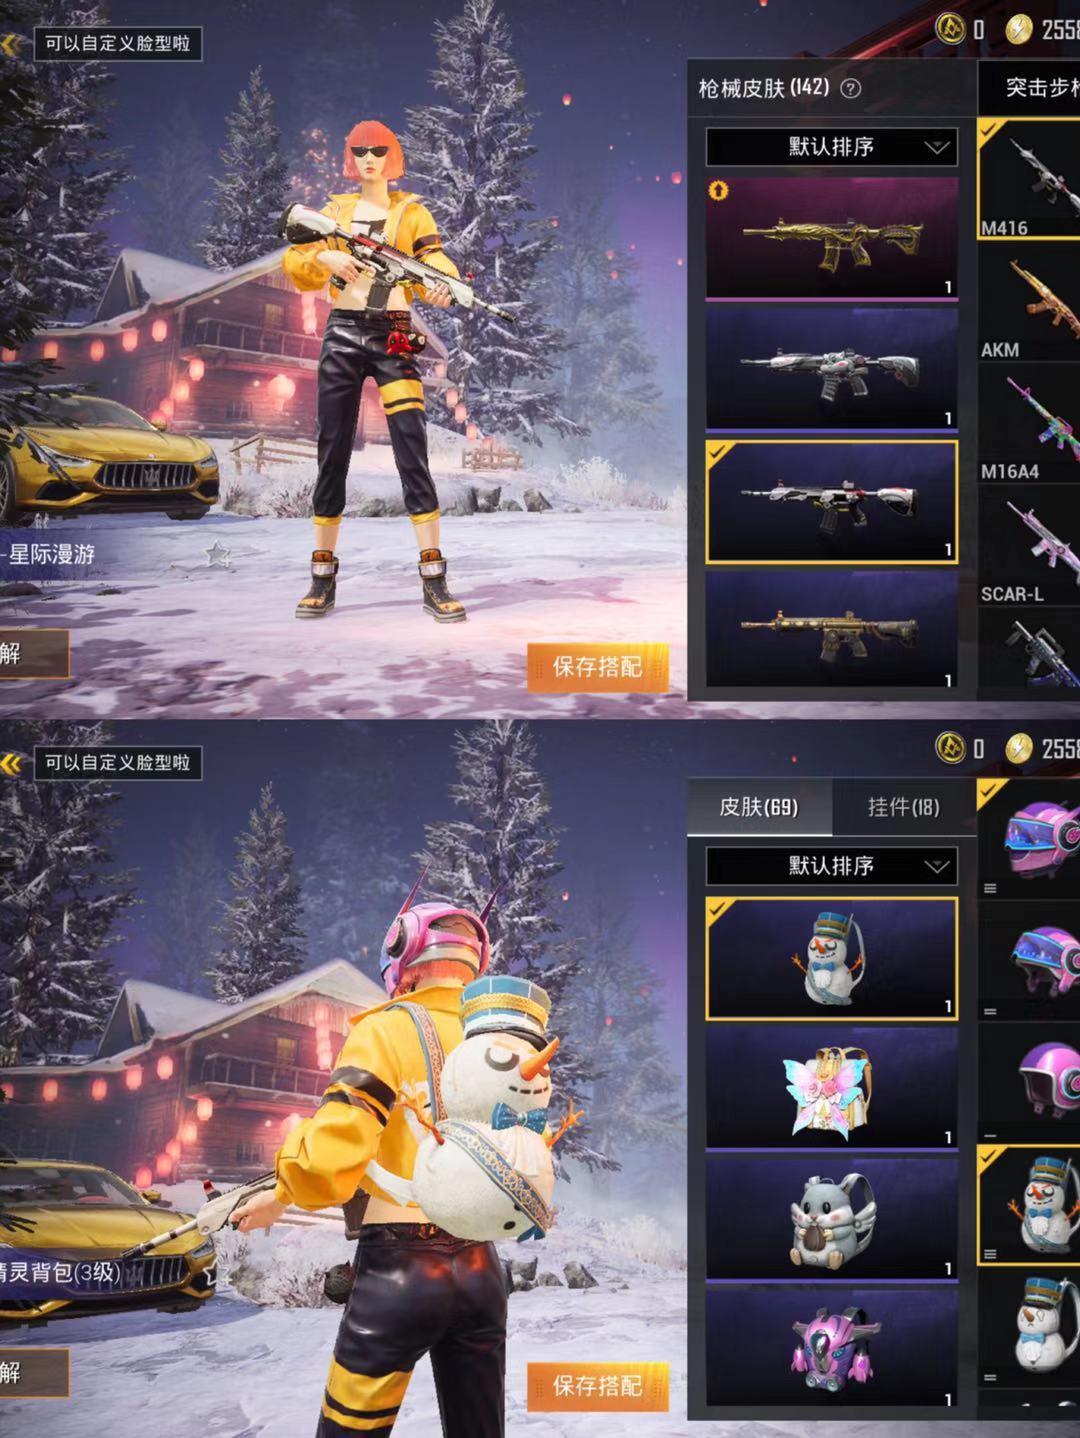 【包解人脸】【安卓QQ】217套装-155枪皮-4载具    设备自玩可以解金玛莎 红马丁 7级金龙+7级甜心 奇异狩猎者